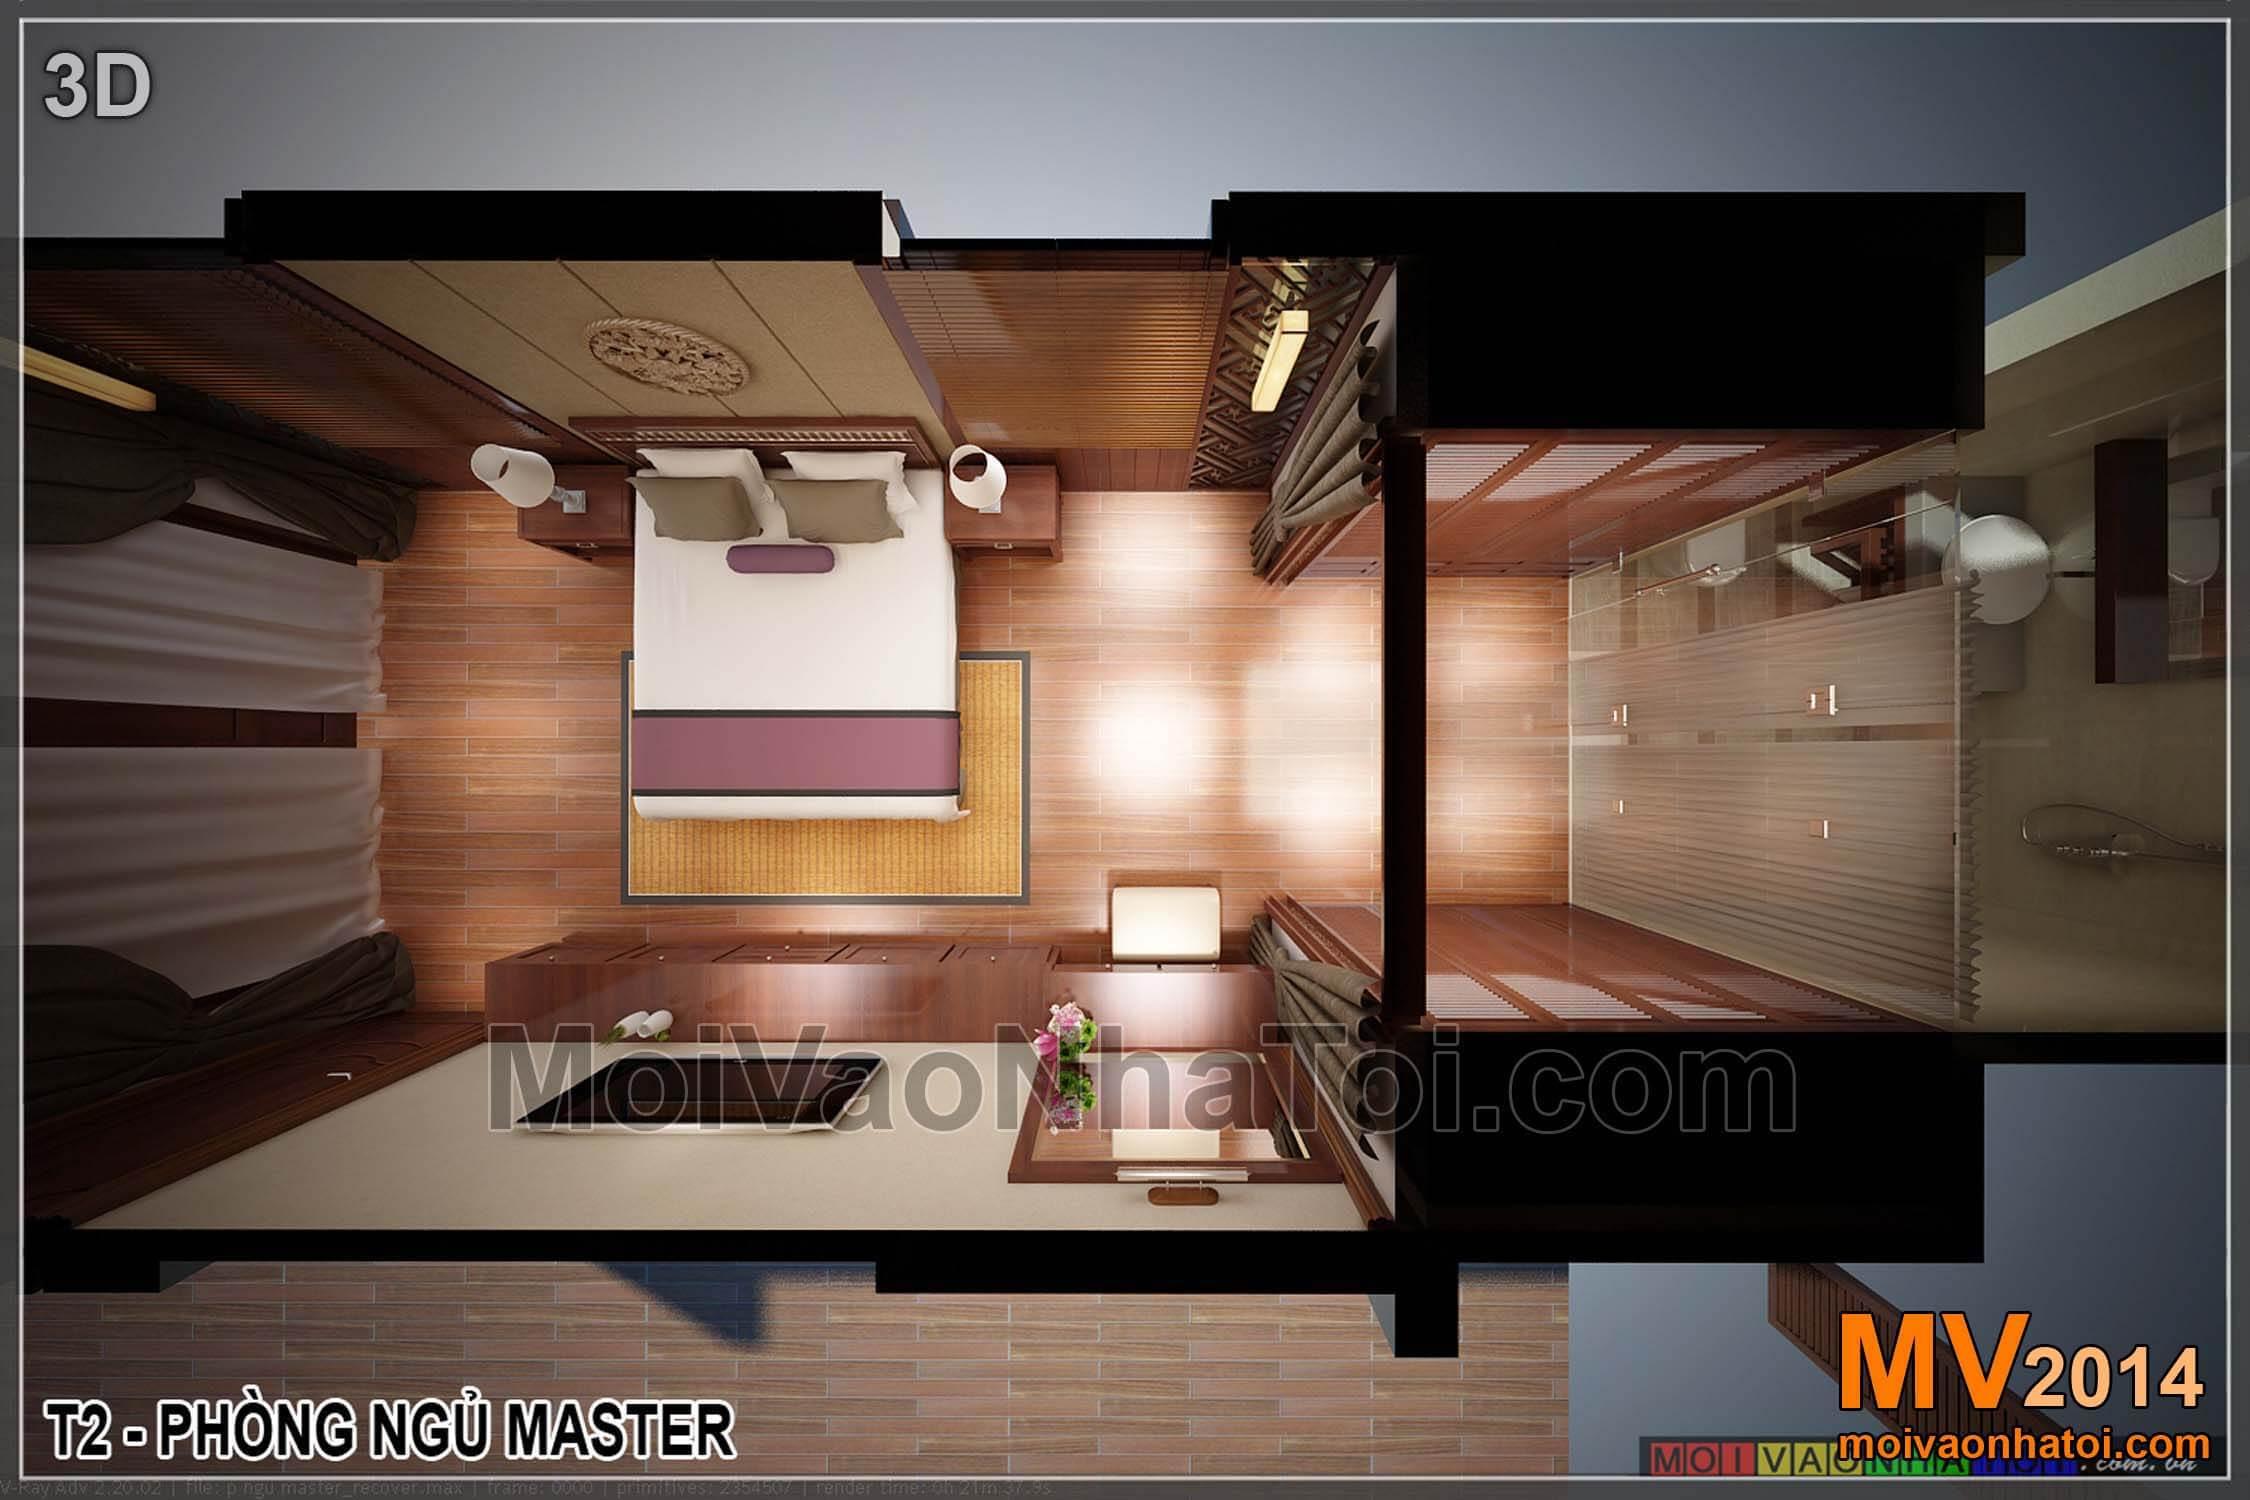 Mời bạn lên tầng 2 xem phòng ngủ master